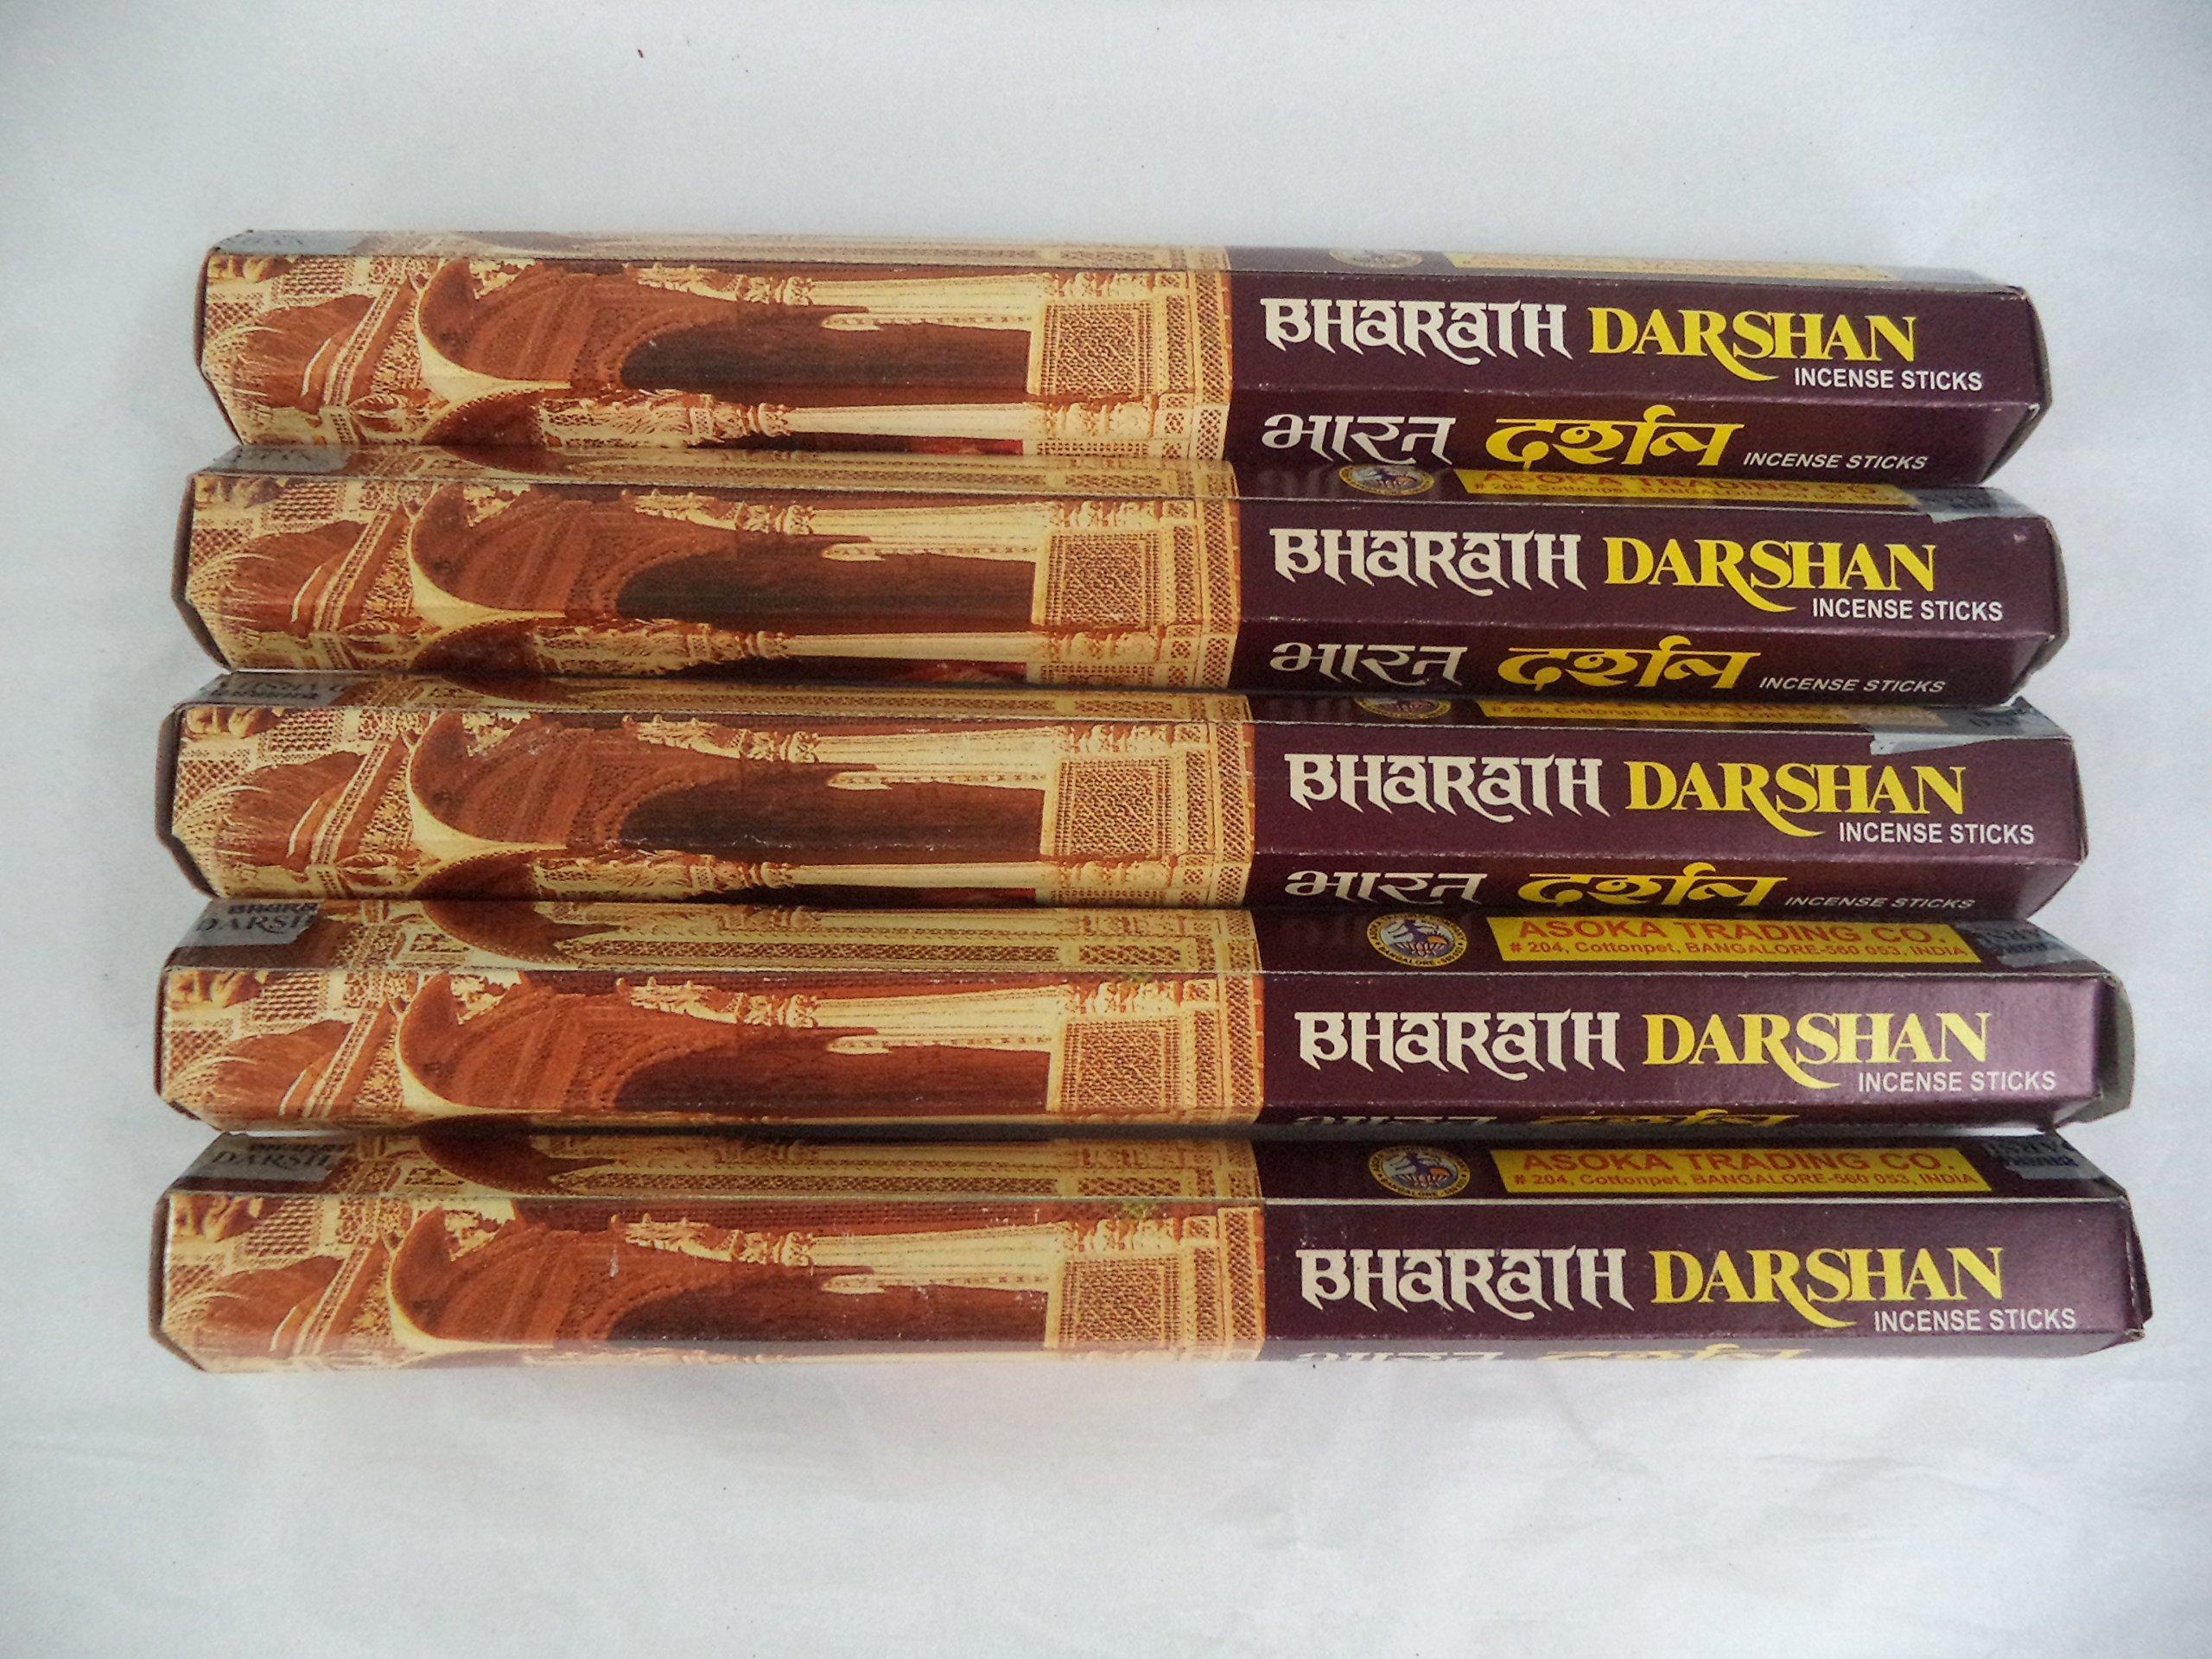 Bharath Darshan 100 Incense Sticks (5 x 20 stick packs)